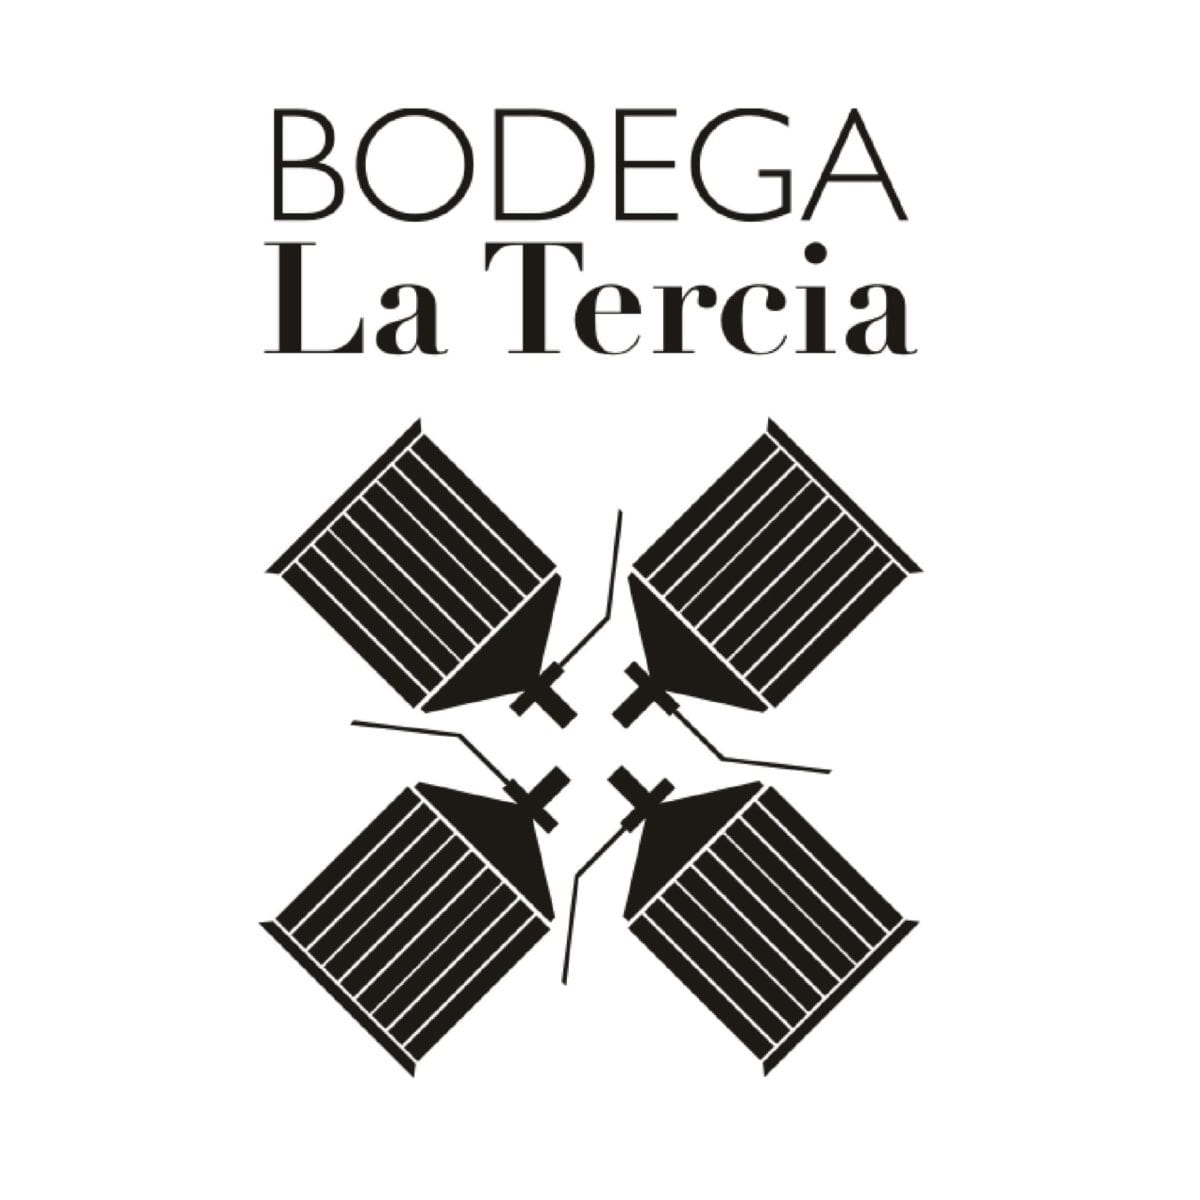 Bodega La Tercia